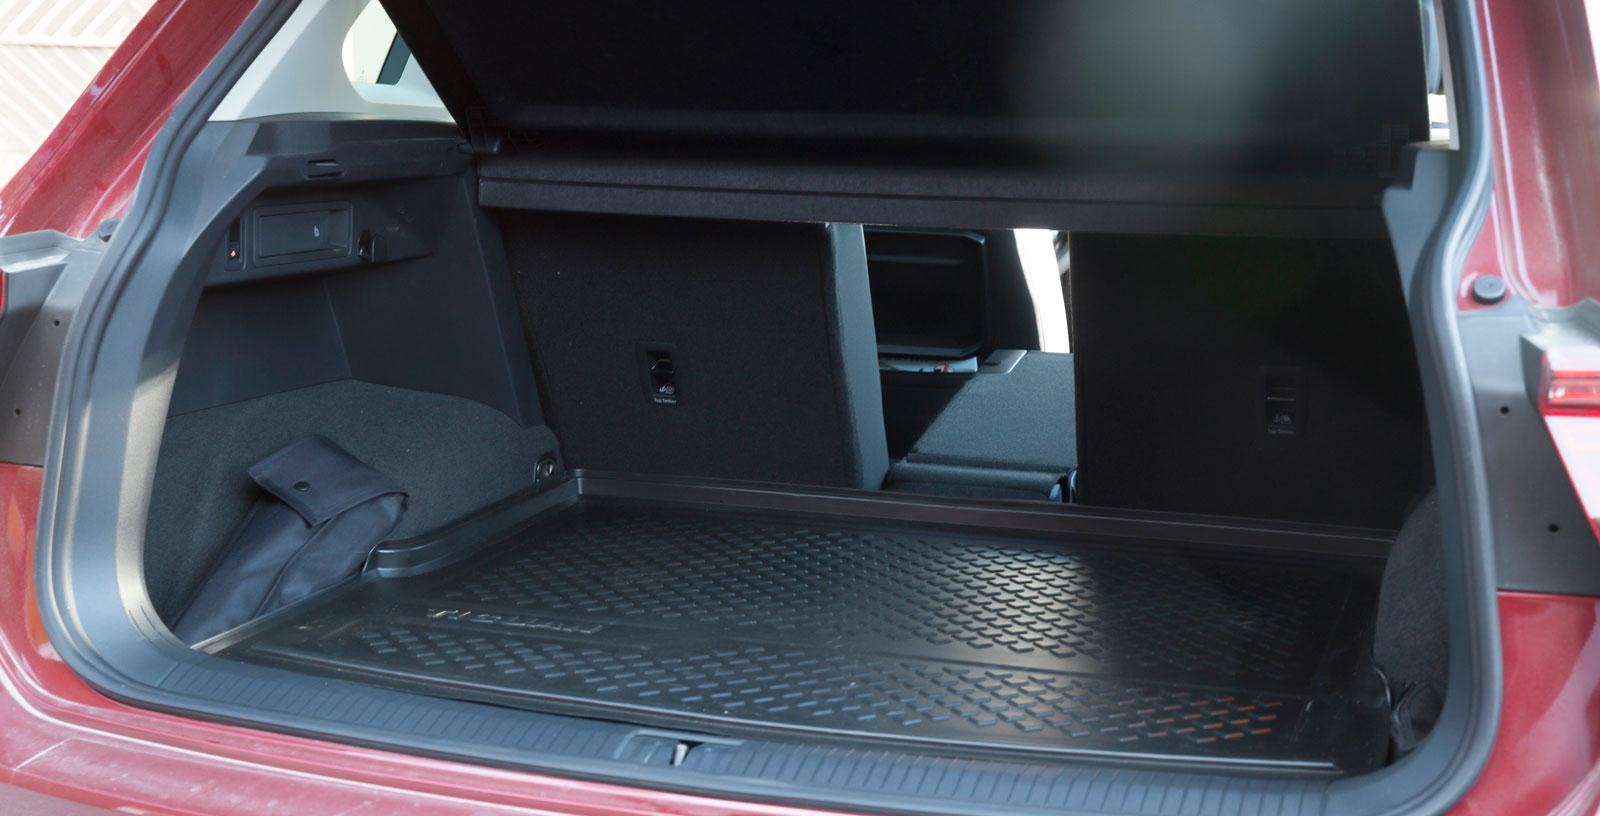 Bagageutrymmet är bra utformat med genomlastningslucka. Lastförskjutningsskydd går att montera. Störst fri höjd under bakluckan är ett plus i kanten för långa personer som annars riskerar att slå i huvudet om man inte är uppmärksam vid lastning.